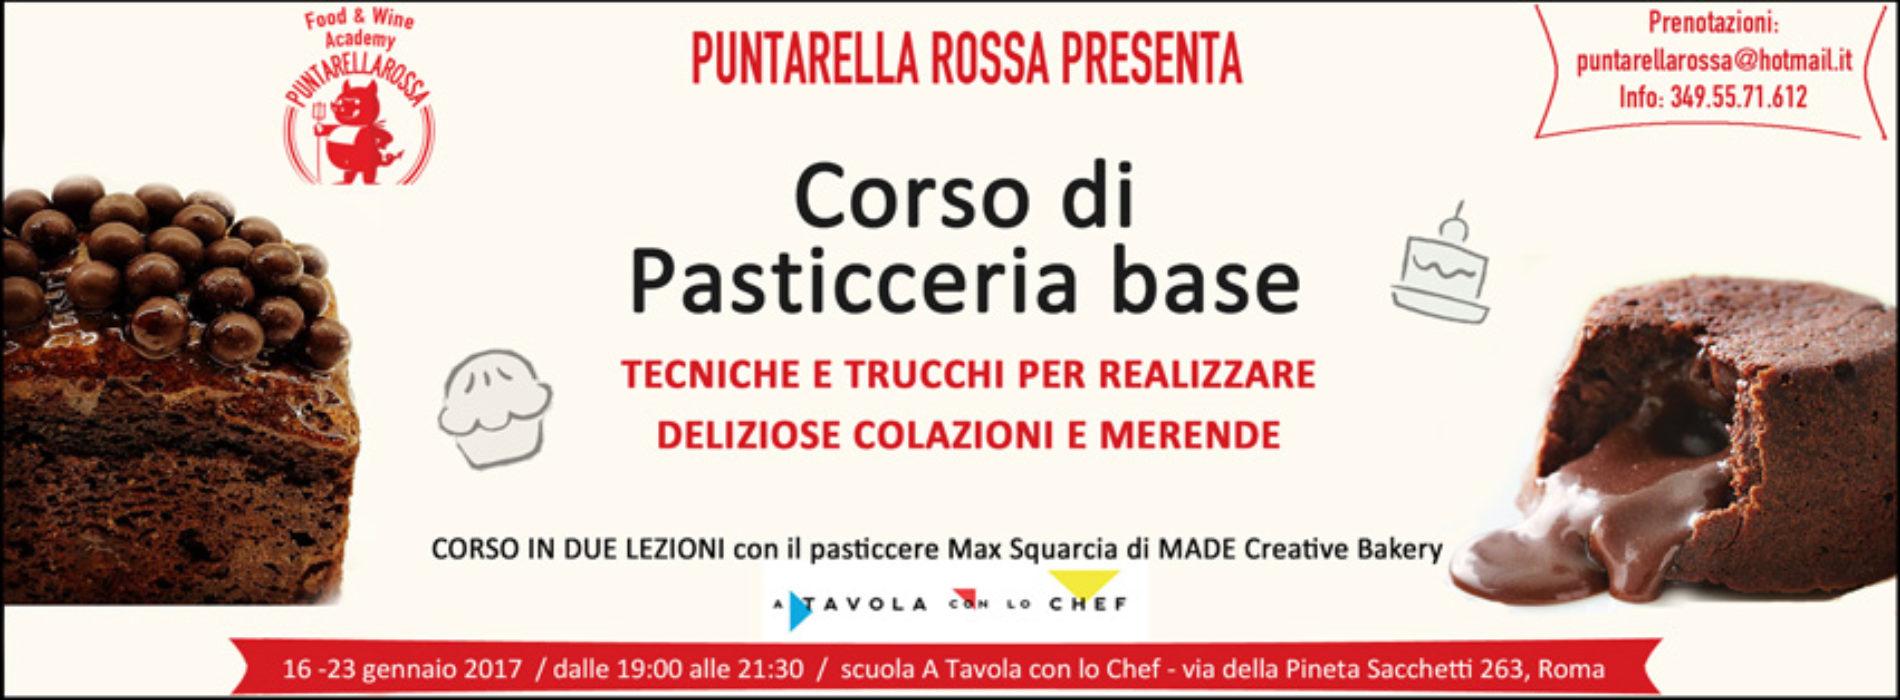 Corso di pasticceria Roma 2017